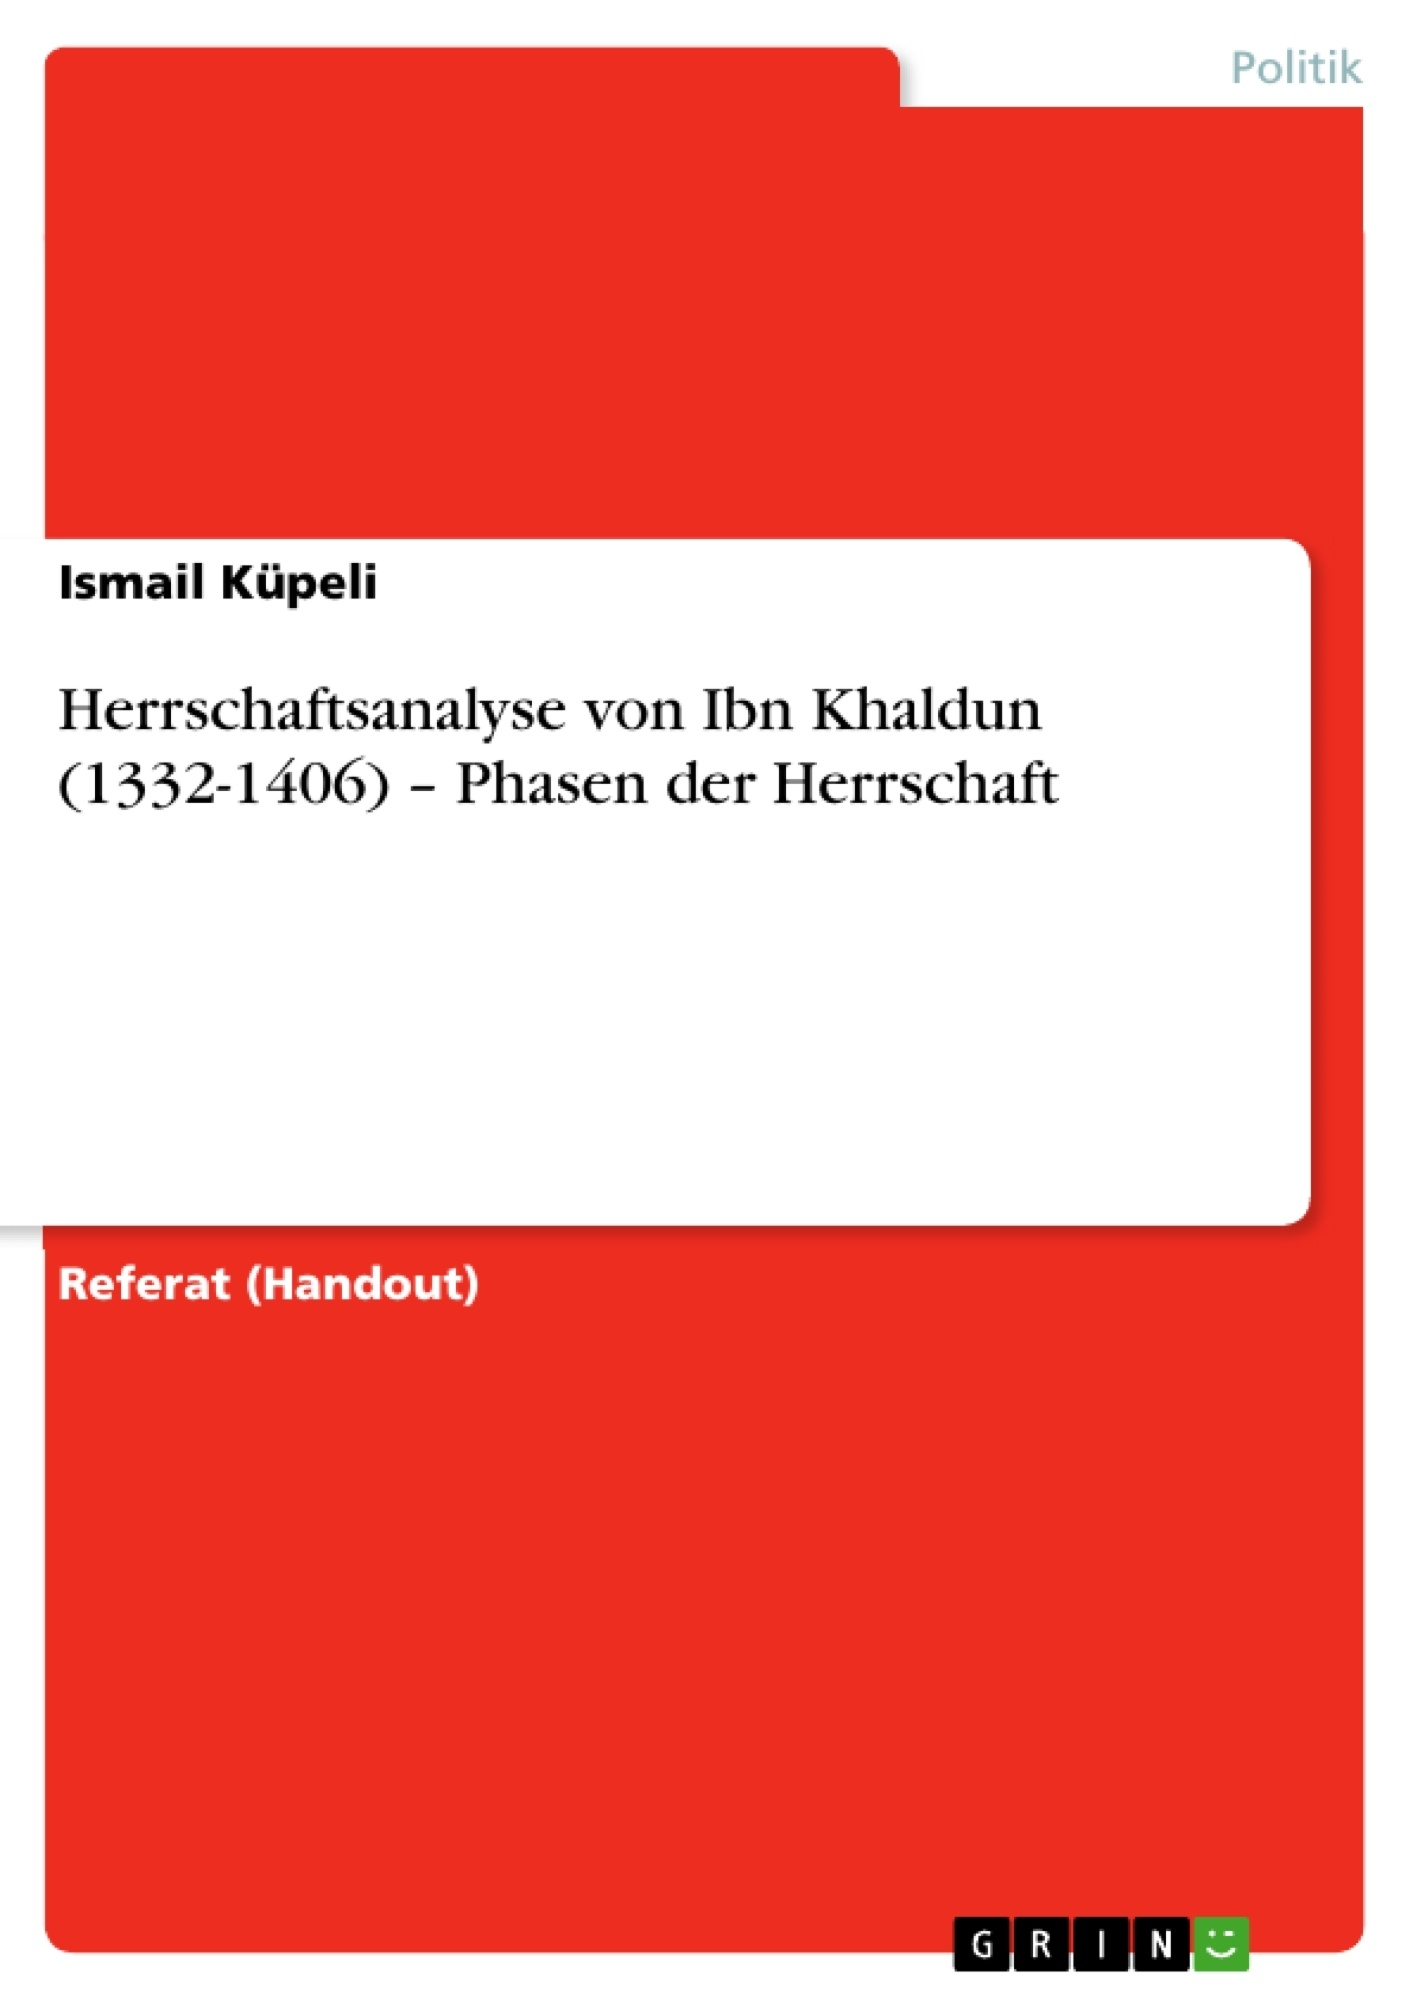 Titel: Herrschaftsanalyse von Ibn Khaldun (1332-1406) – Phasen der Herrschaft